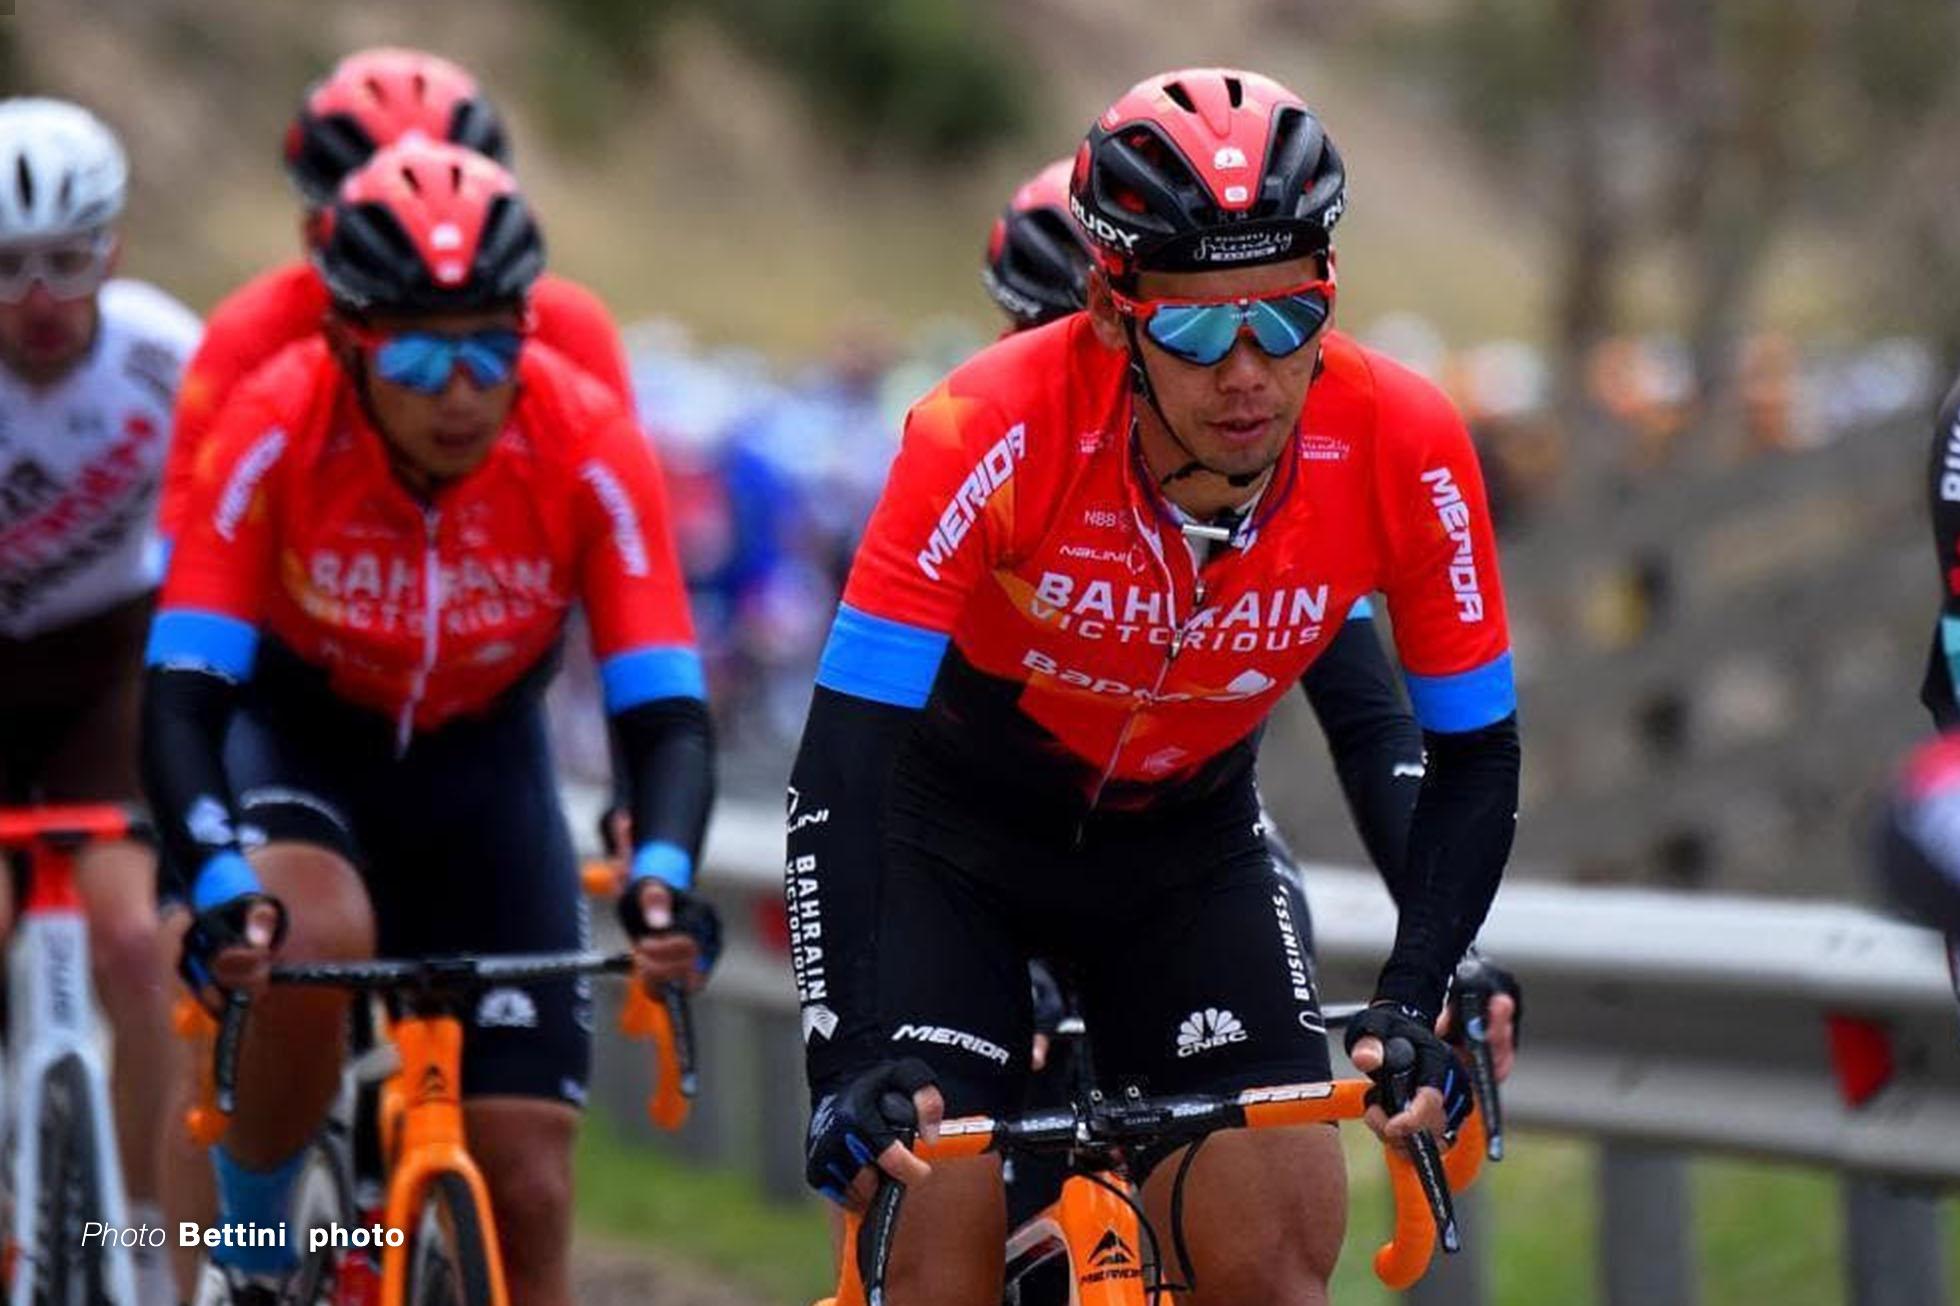 新城幸也 Tour of Alps第1ステージ photo Team Bettini